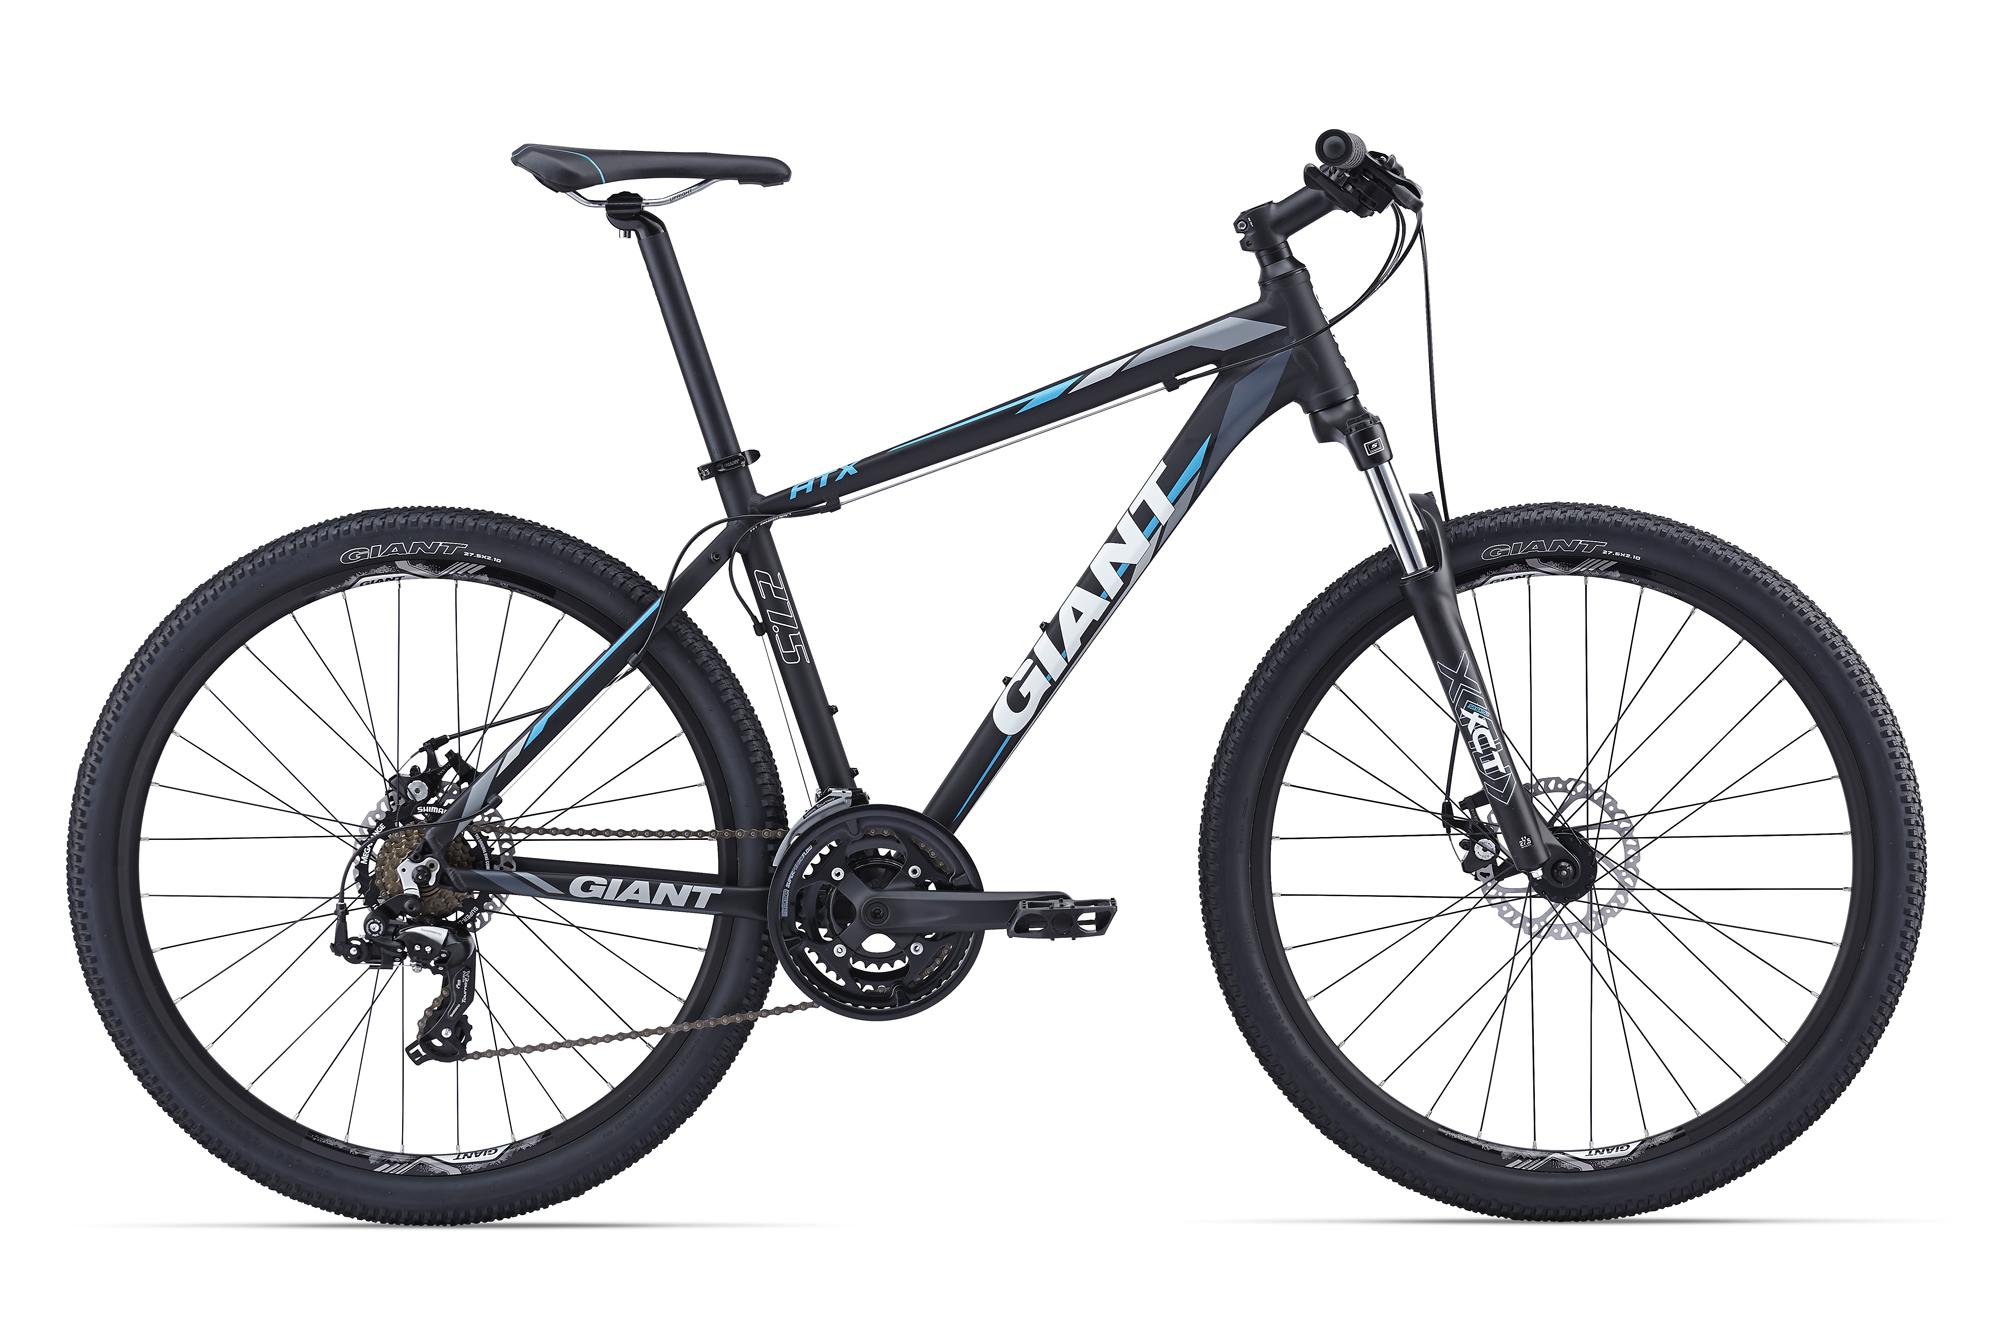 Велосипед ATX 27.5 2 Колесо:27,5 Рама:L Цвет:Черный/СинийВелосипеды<br><br><br>Артикул: 60051626<br>Бренд: Giant<br>Возрастная группа: взрослый<br>Пол: мужской